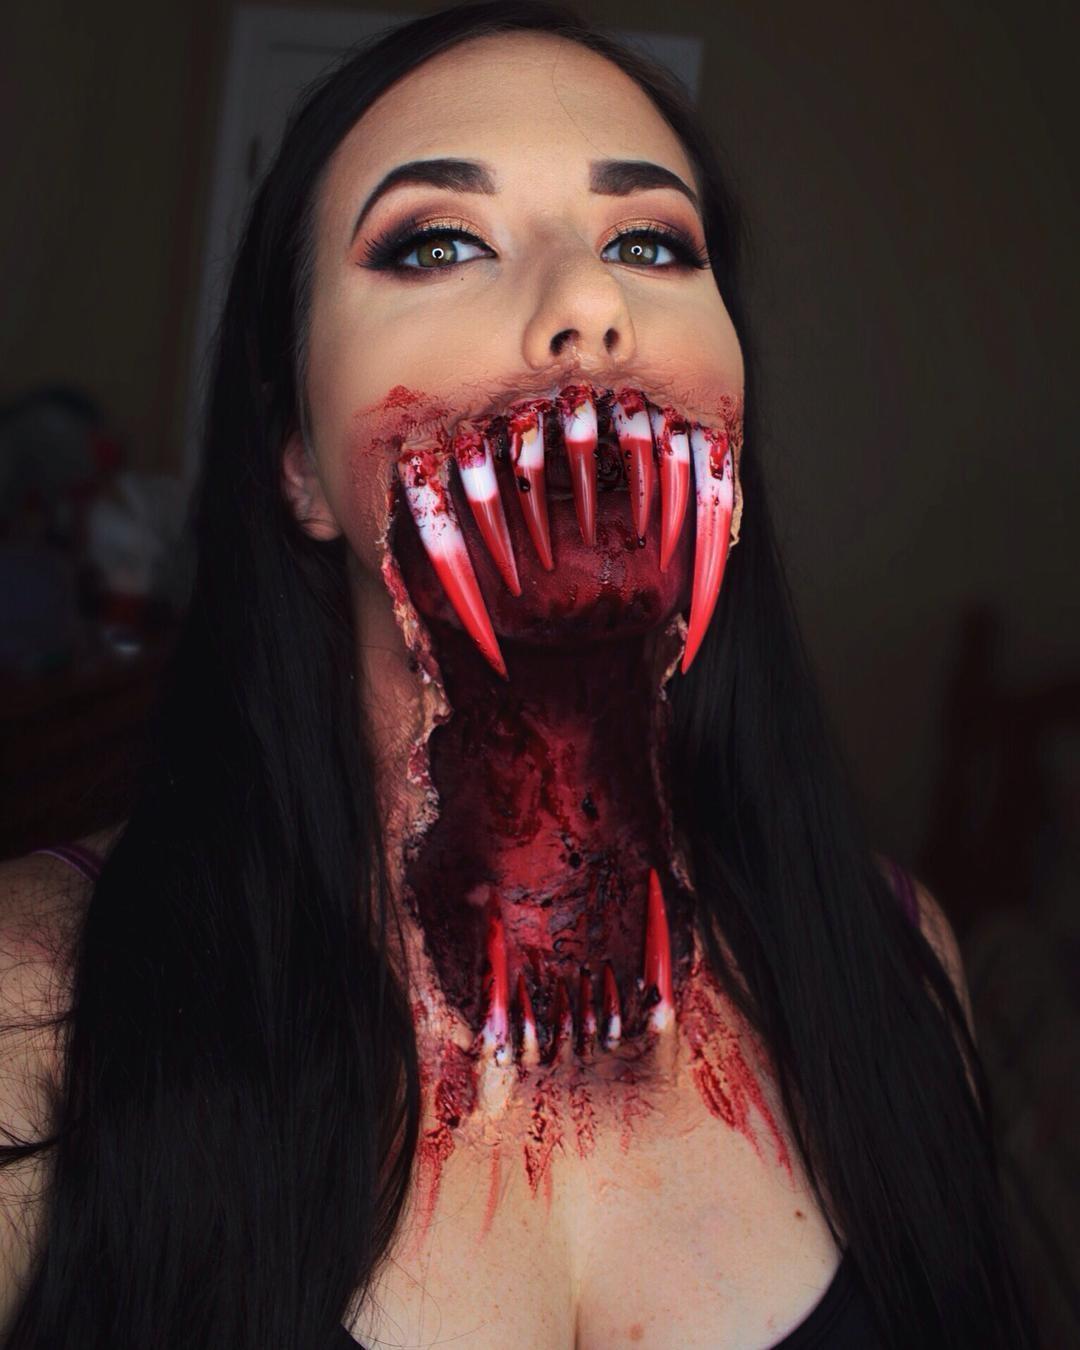 Готовимся к Хэллоуину: самый жуткий грим - ПоЗиТиФфЧиК - сайт позитивного настроения!